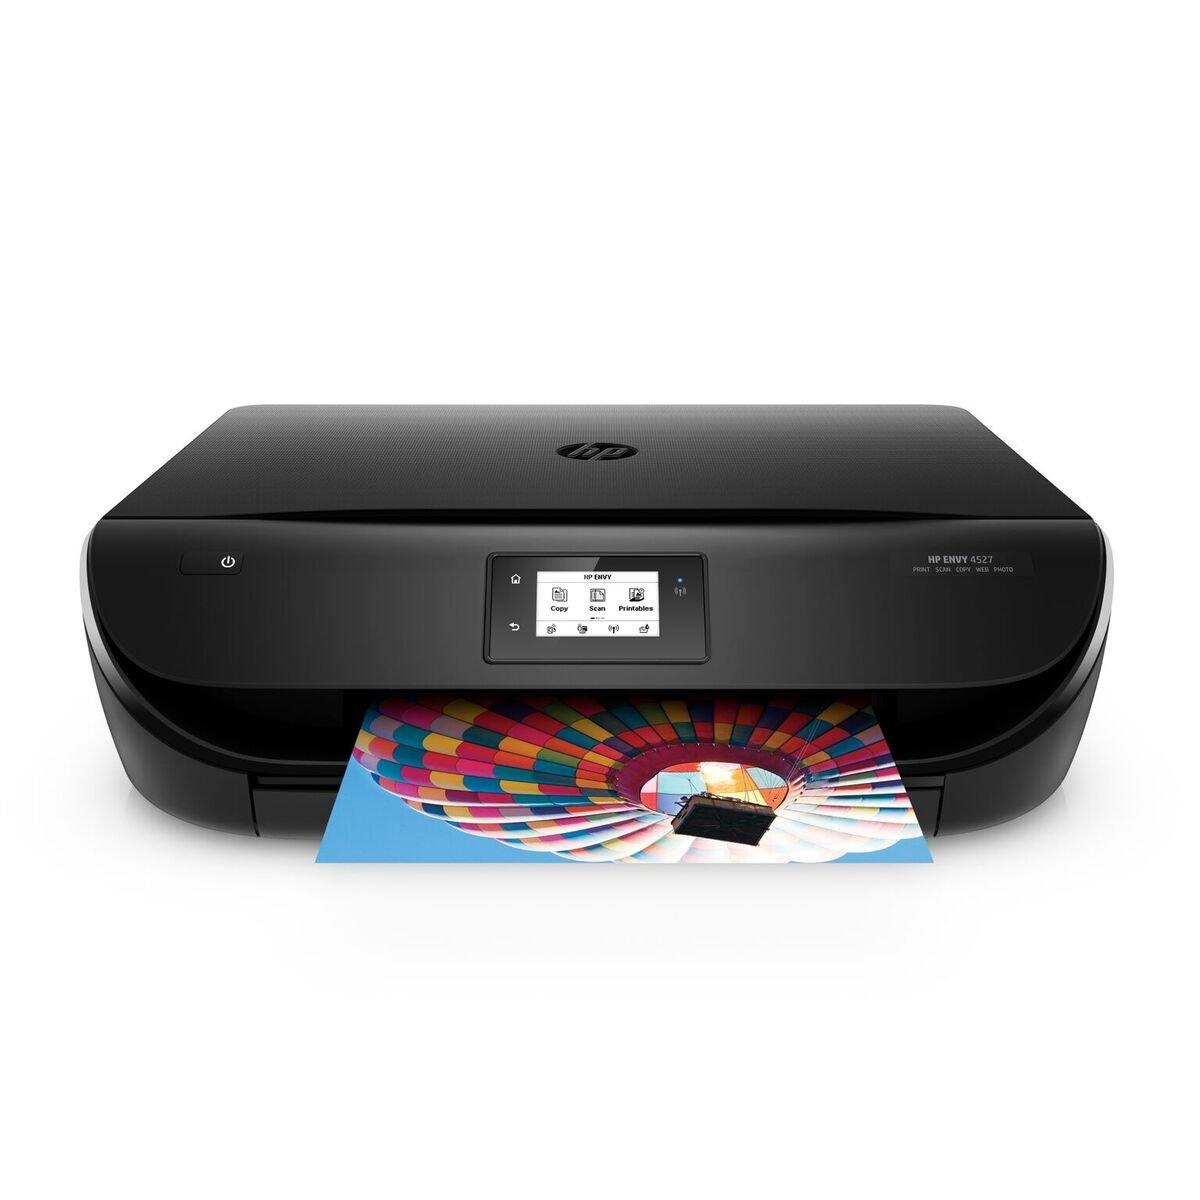 HP ENVY 4527 Stampante Multifunzione Wireless, Instant Ink Ready con 3 Mesi di Prova Gratuita Inclusi, 20 Pagine per Minuto J6U61B#BHC